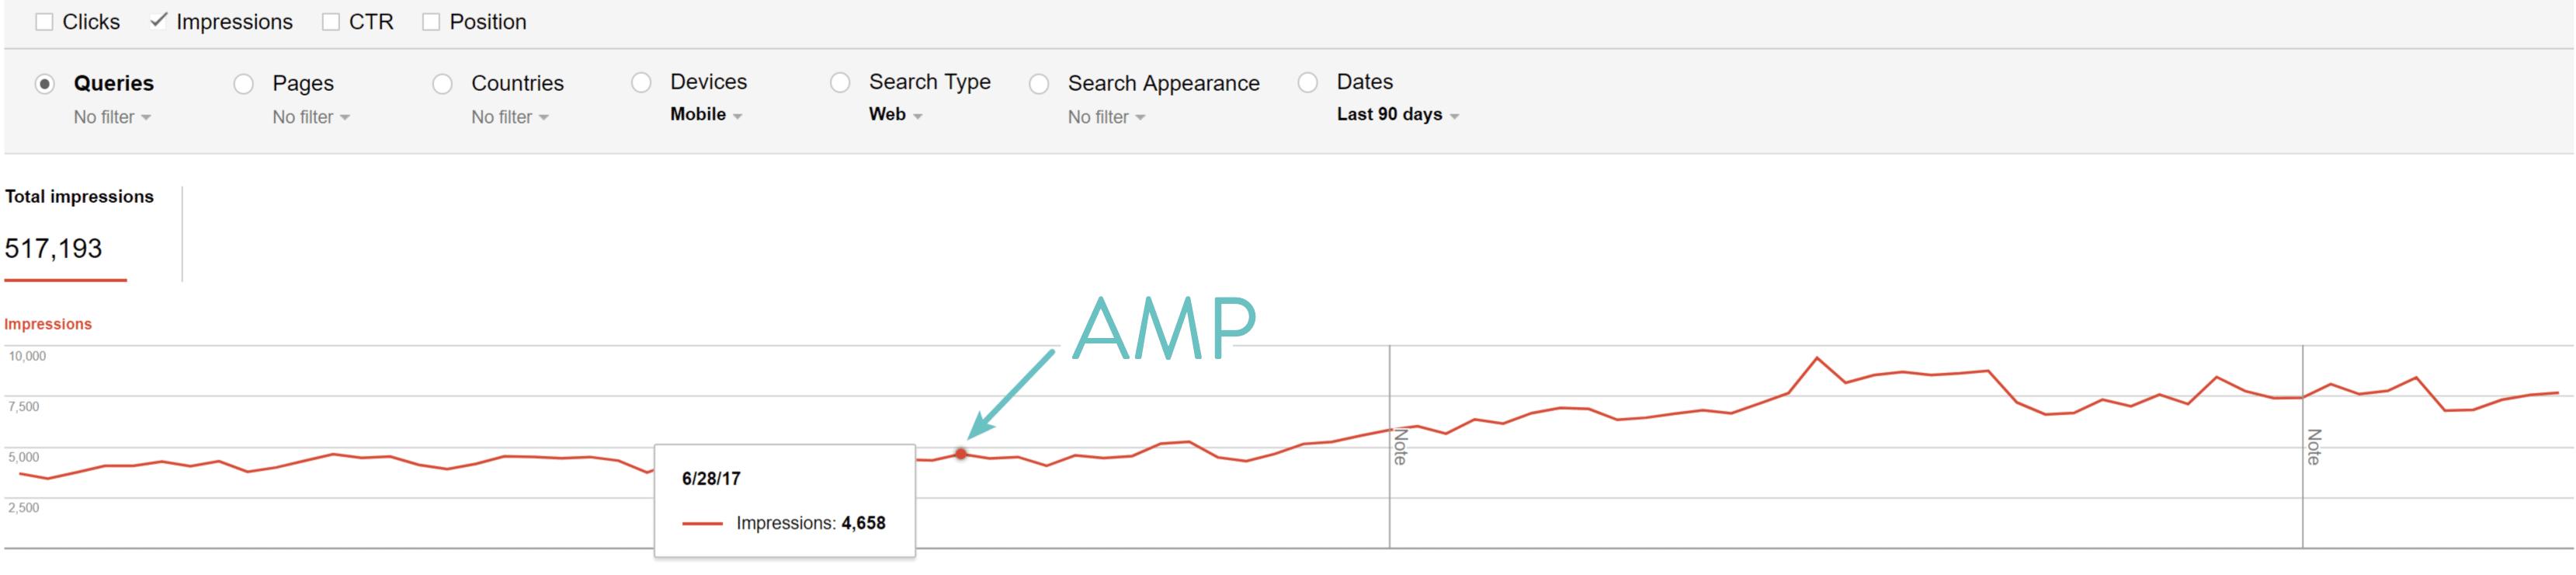 Google AMP impressions